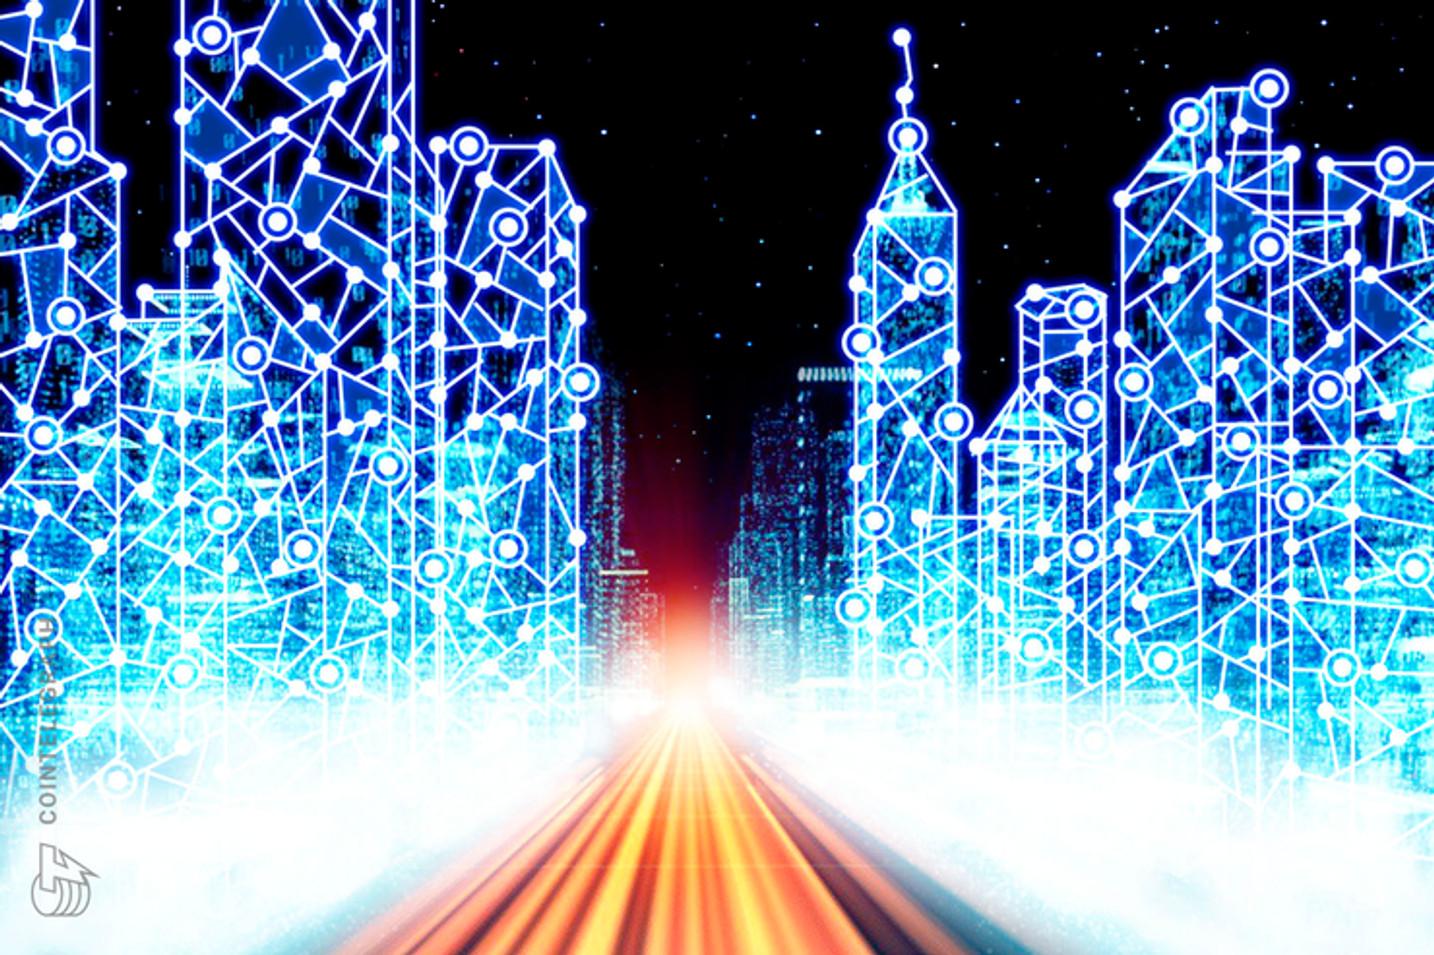 'Carros autônomos, blockchain e criptomoedas serão aliados na administração das cidades', destaca Dalton Oliveira